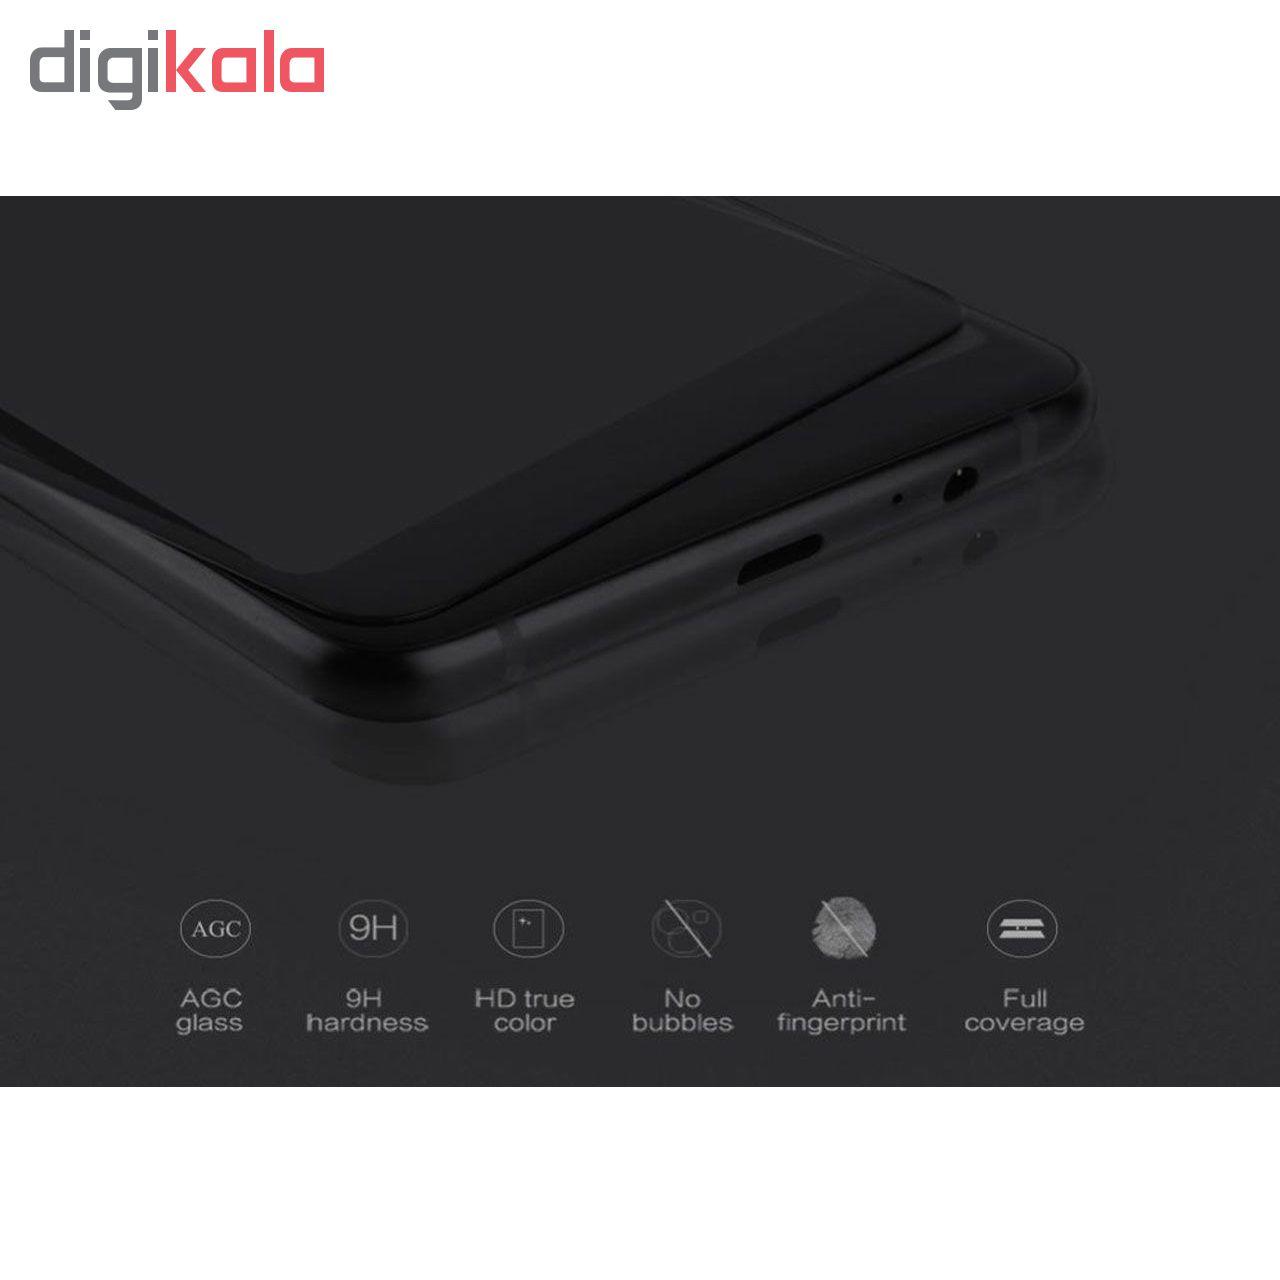 محافظ صفحه نمایش 6D مورفی مدل MR7 مناسب برای گوشی موبایل شیائومی Mi 5X main 1 6